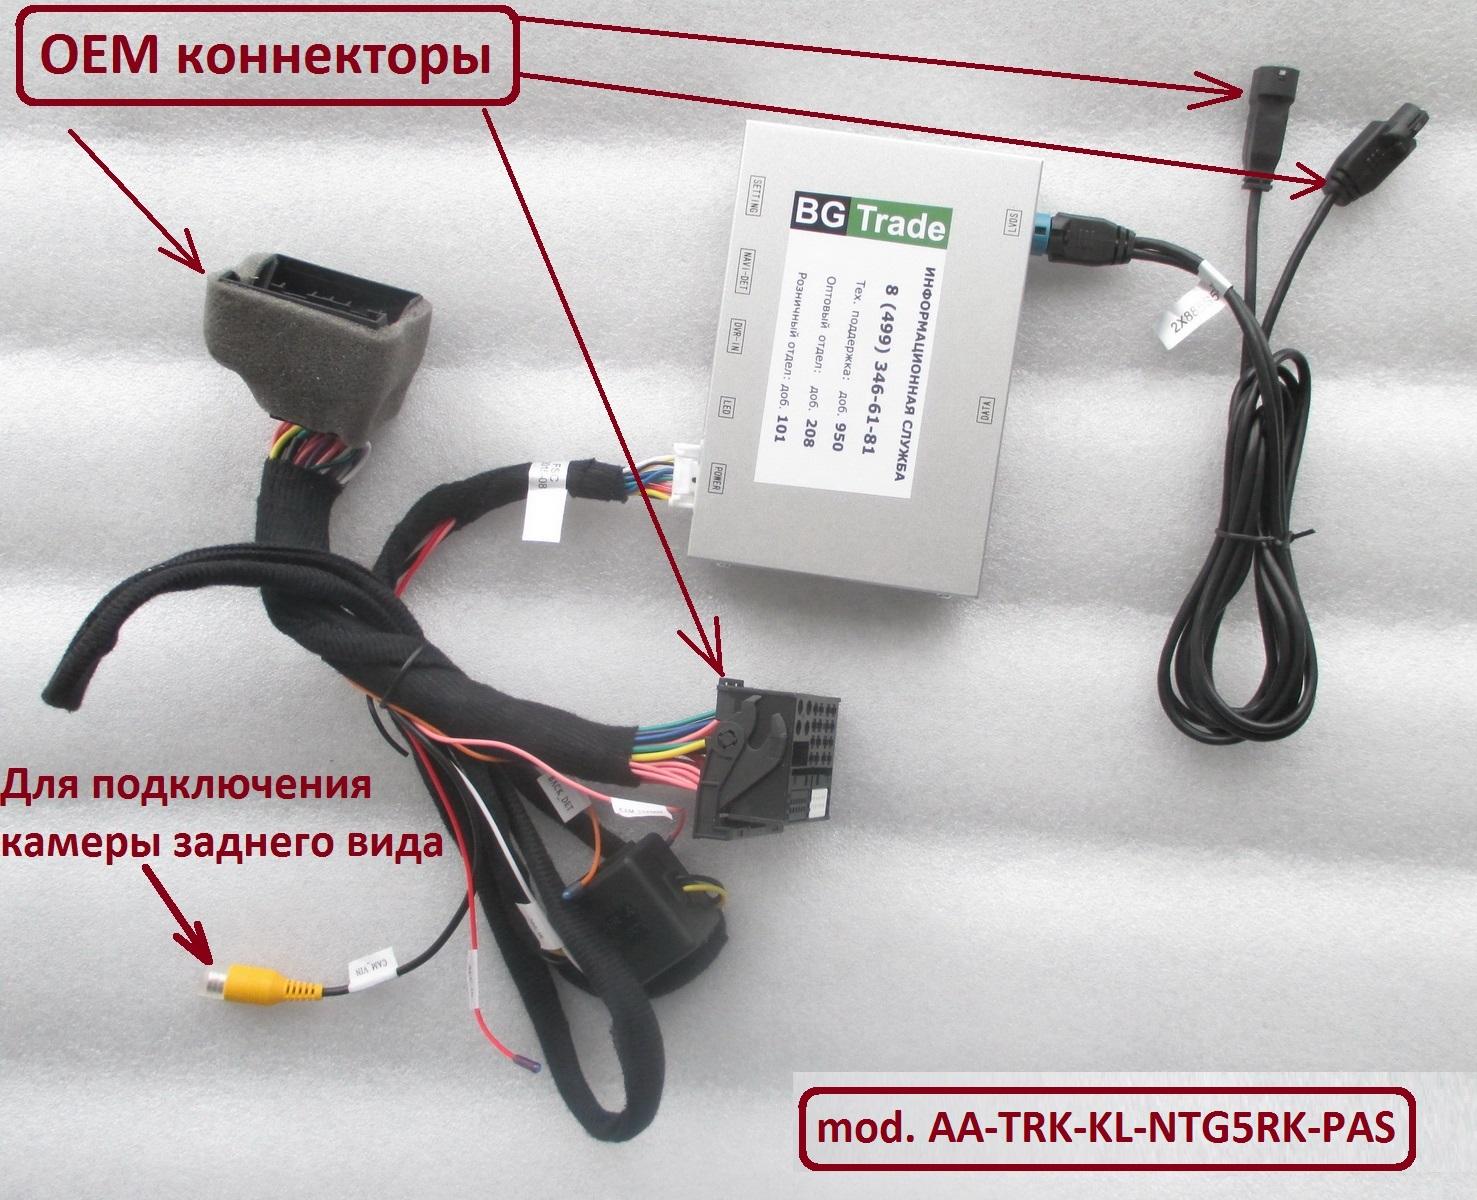 Название: AA-TRK-KL-NTG5RK-PAS.jpg Просмотров: 2762  Размер: 565.0 Кб